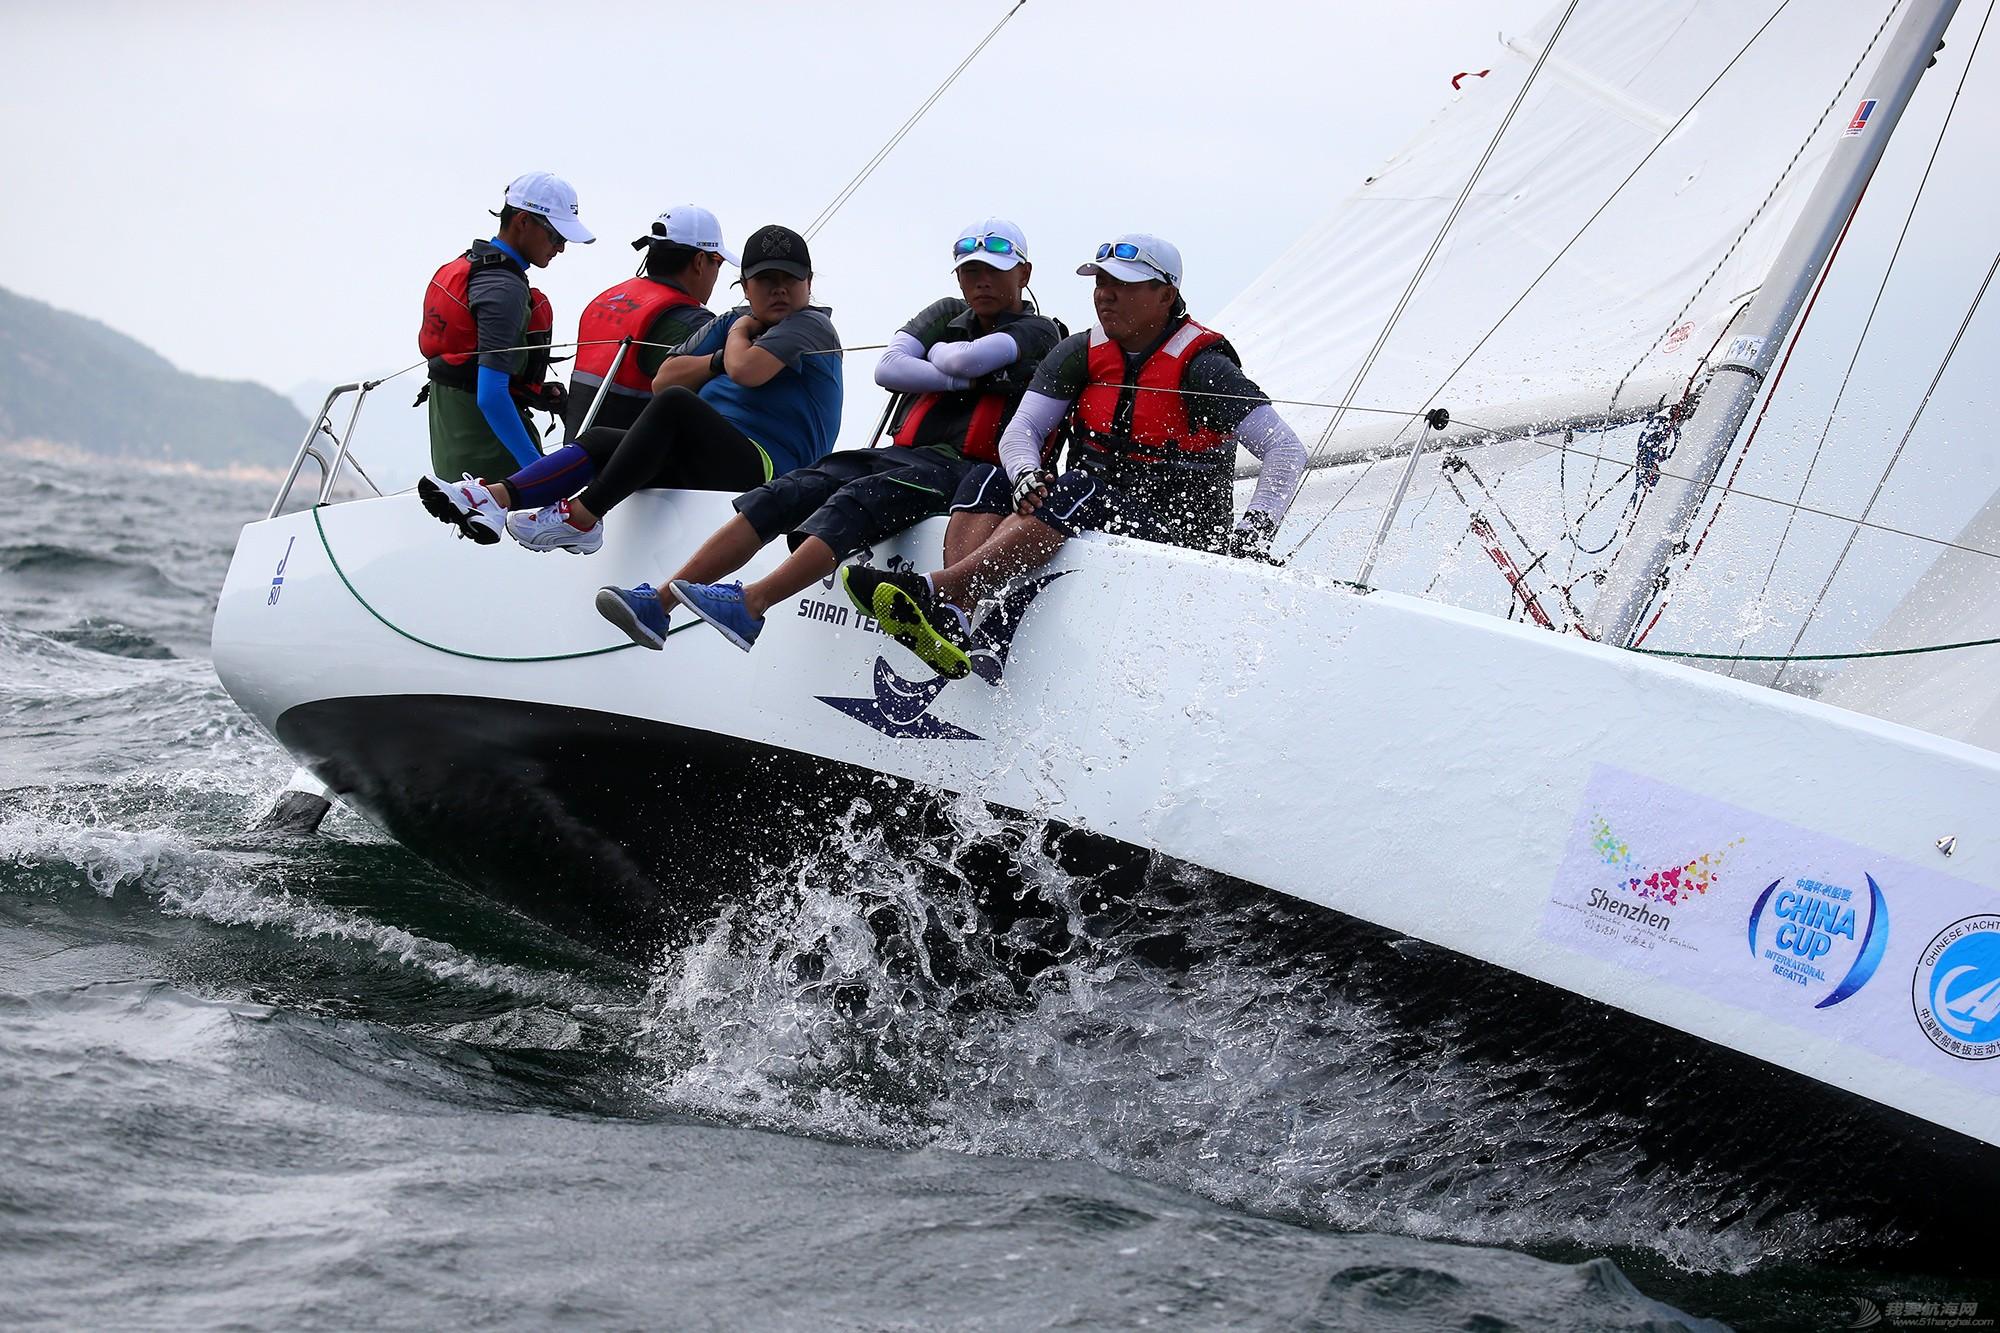 中国 中国杯帆船赛第三日——无风不起浪,雨中见刀枪 E78W7325.JPG